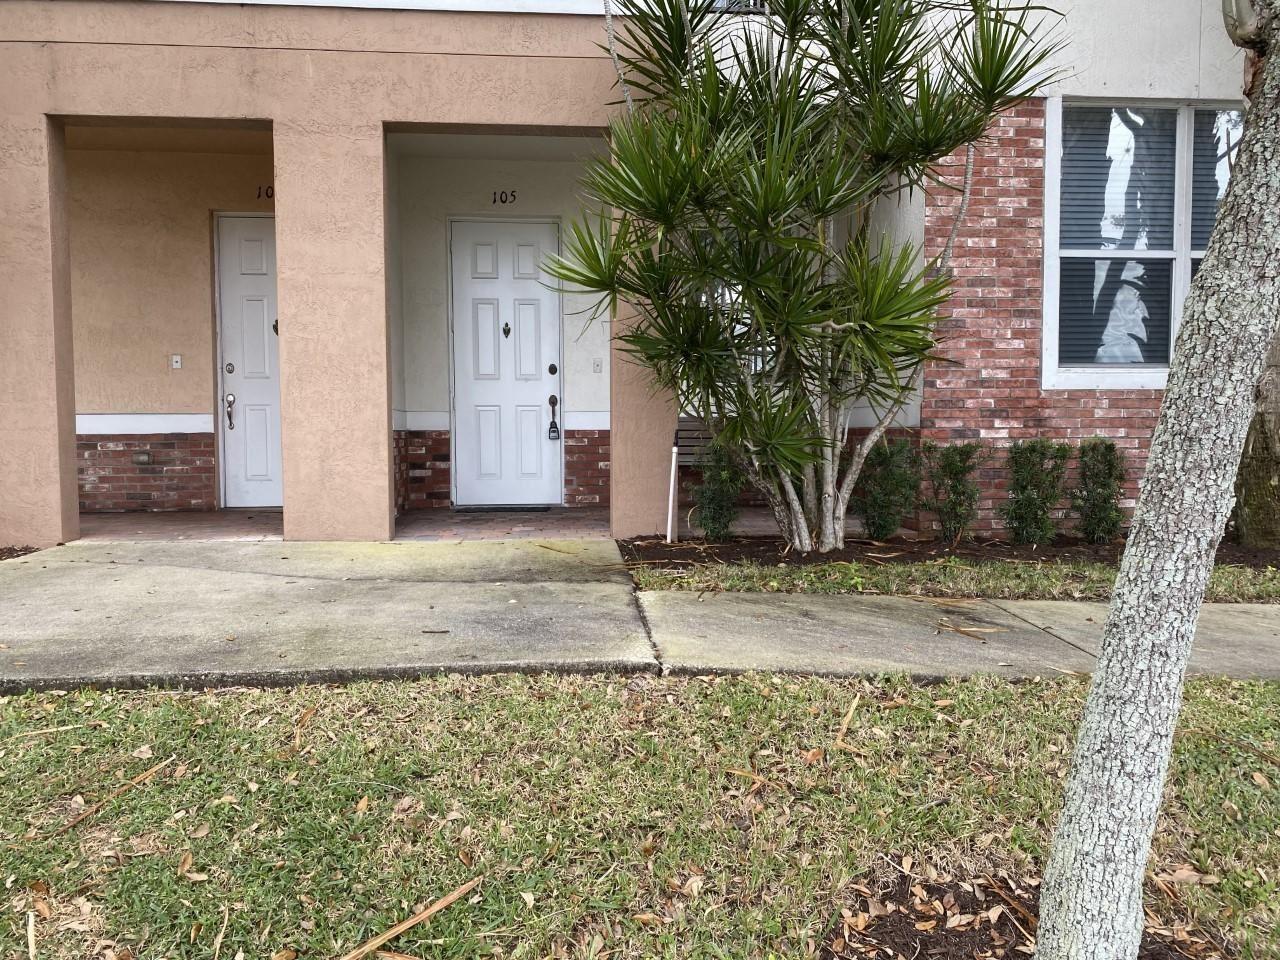 10280 SW Stephanie Way #8-105, Port Saint Lucie, FL 34986 - #: RX-10685252